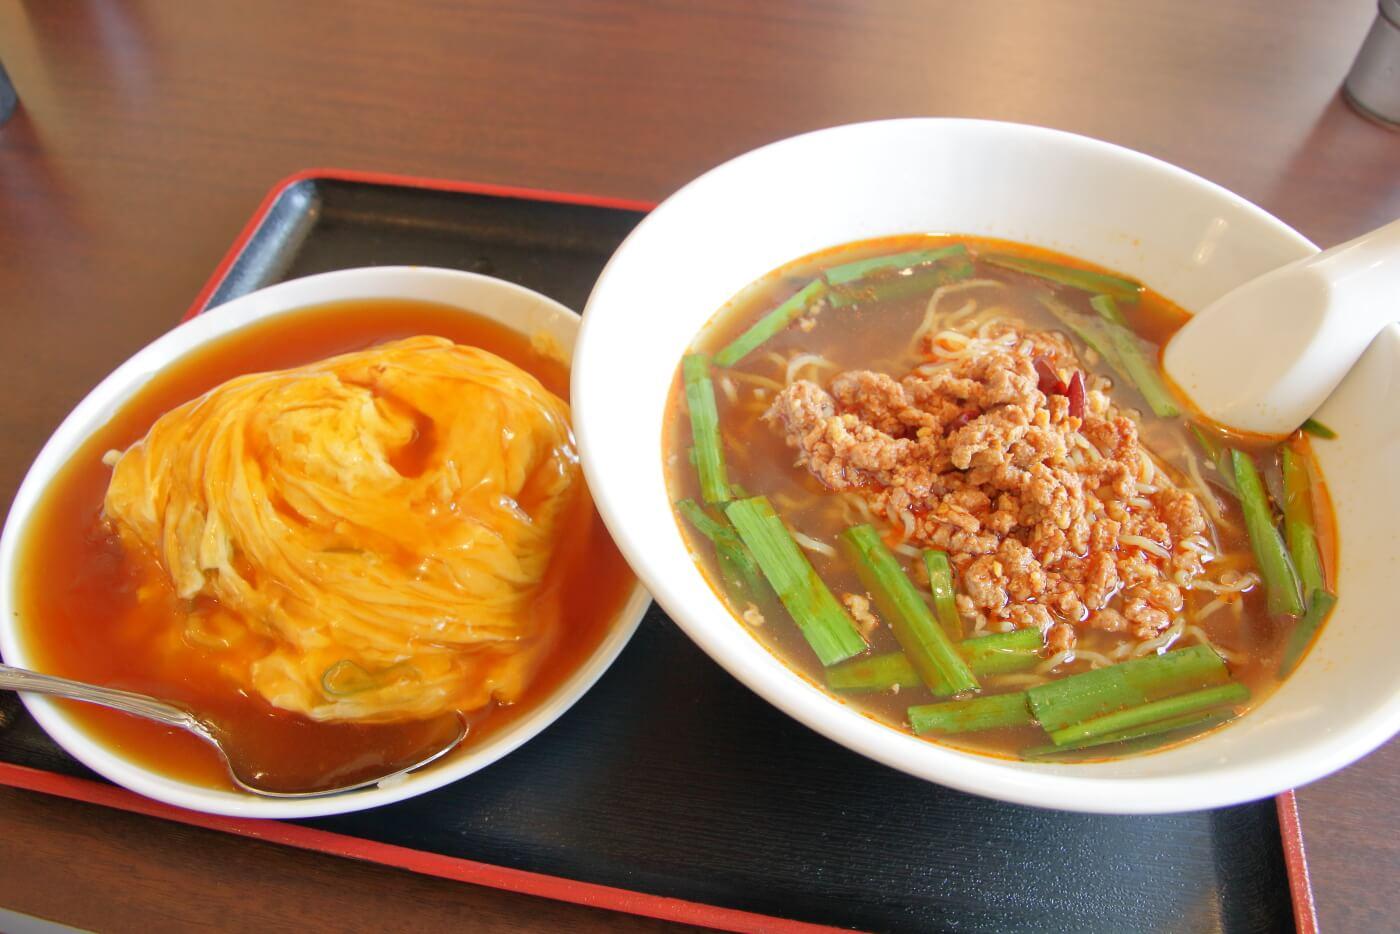 台湾料理鑫旺(シンオウ)ランチの台湾ラーメンと天津飯 高知市大津